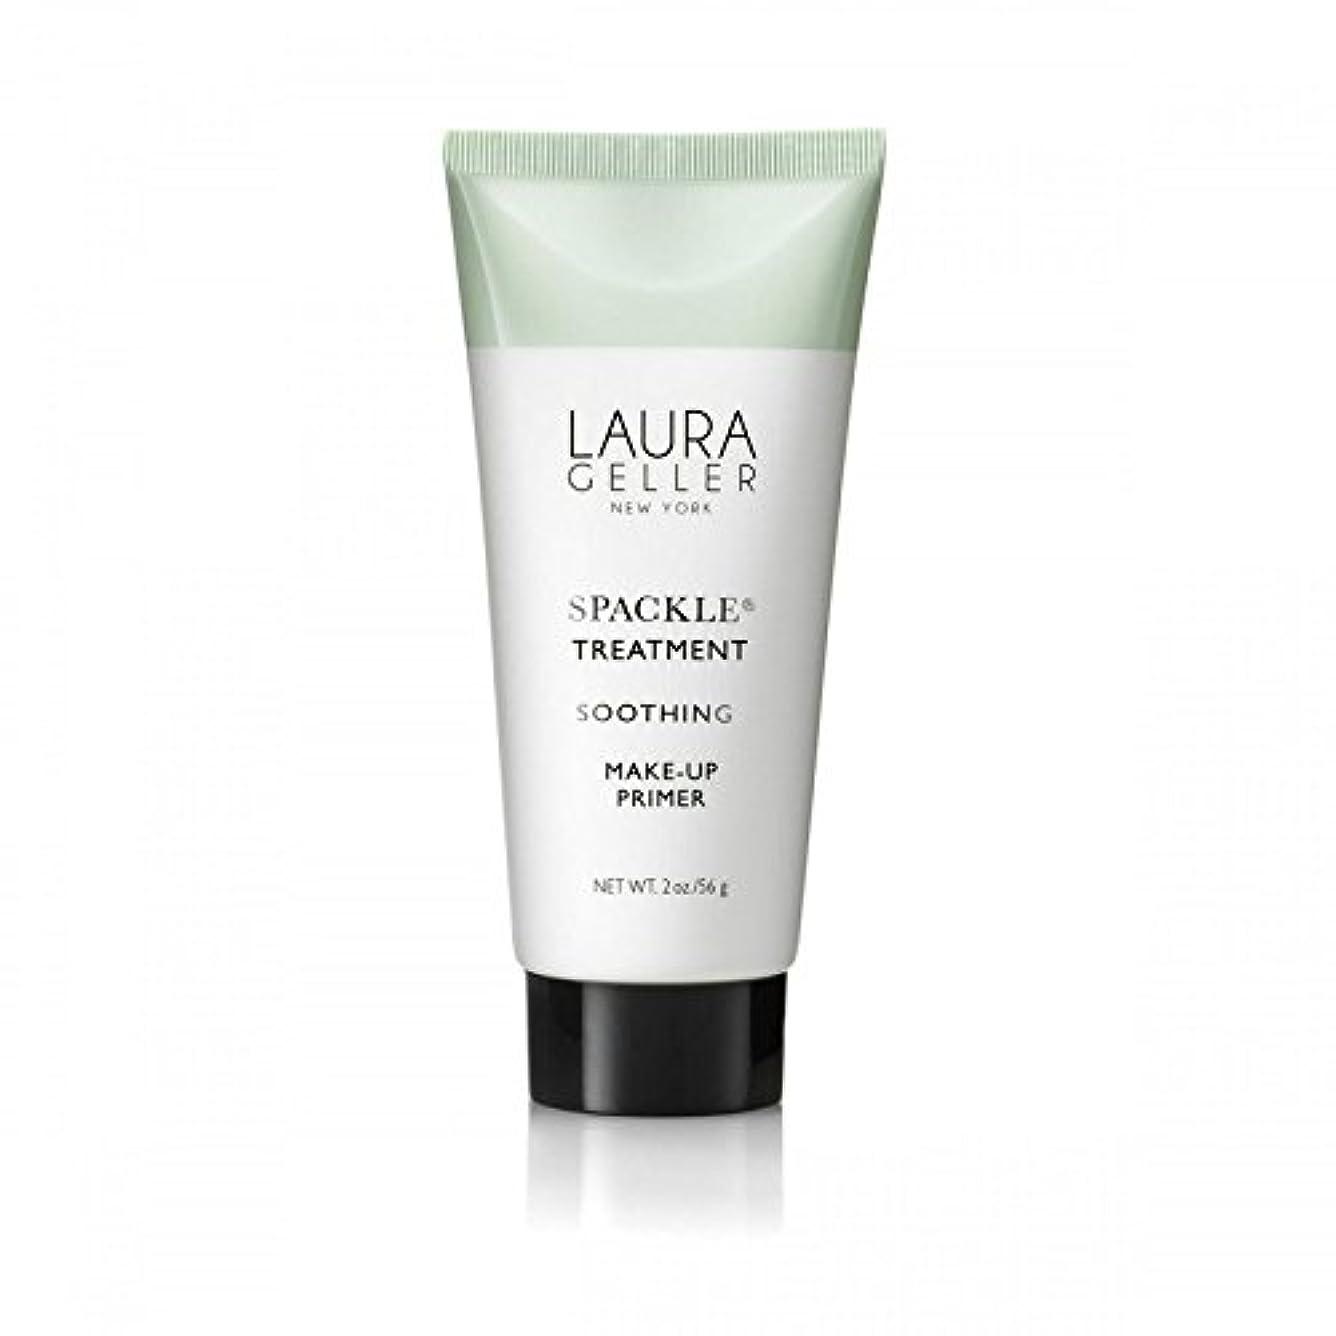 昼寝甘いサミットLaura Geller Spackle Treatment Under Make-Up Primer Soothing - メイクアッププライマー癒しの下のローラ?ゲラー 処理 [並行輸入品]